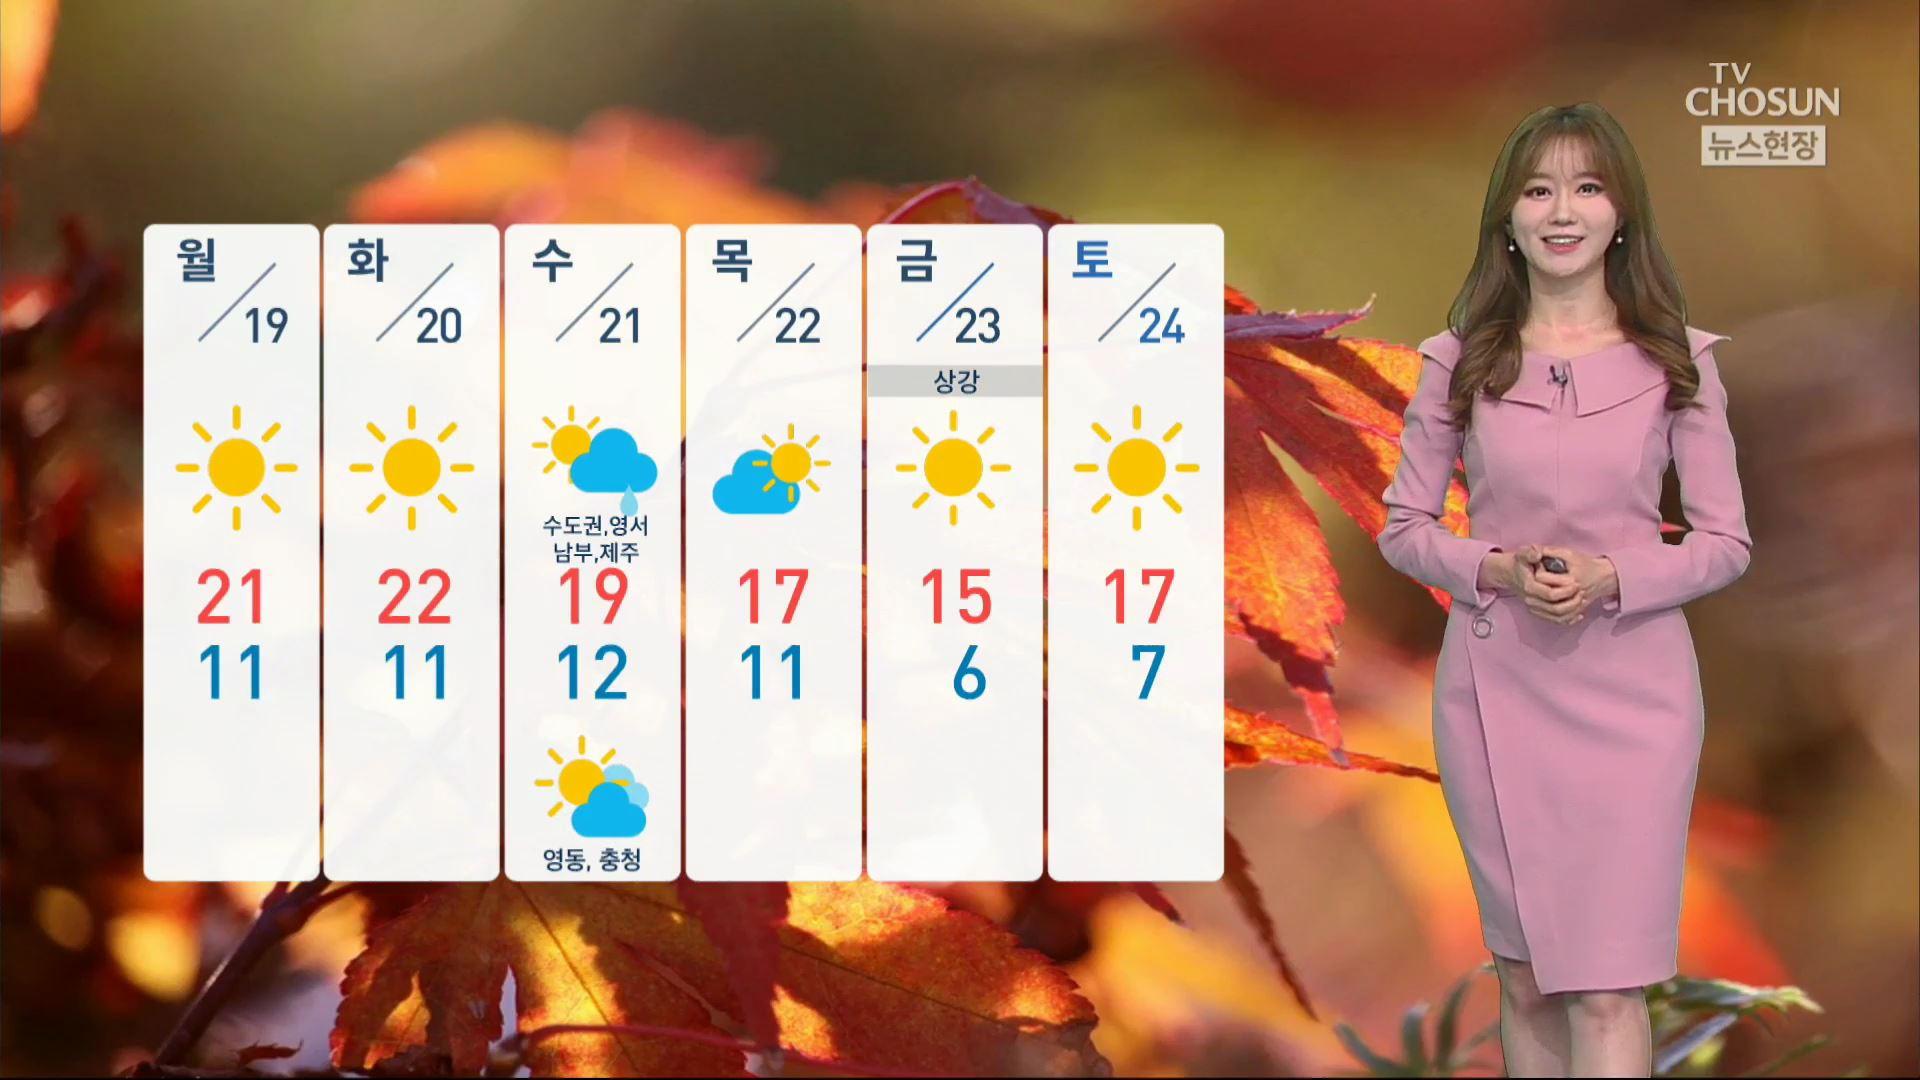 [날씨] 오늘 청명한 가을 하늘…큰 일교차 유의